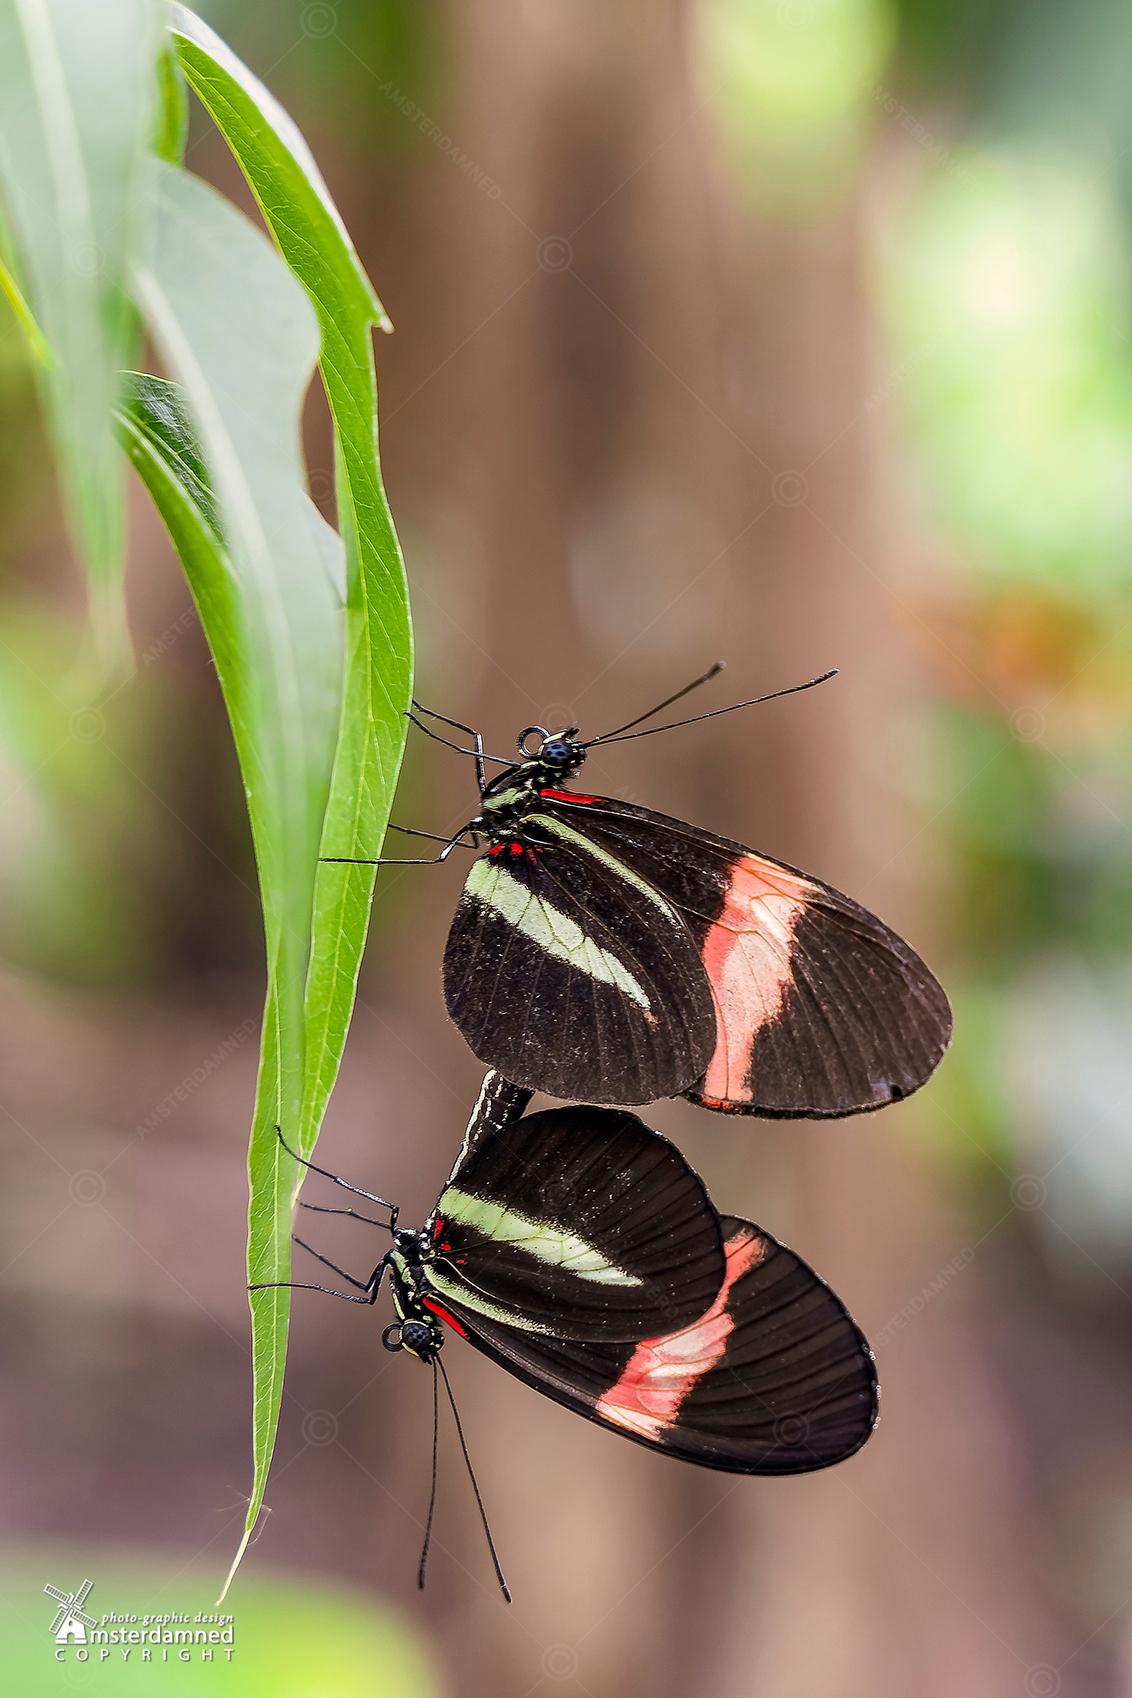 """Vlinders aan de Vliet - Parende Heliconius melpomene vlinders in der vlindertuin bij """"Vlinders aan de Vliet"""" in Leidschendam. - foto door amsterdamned_zoom op 28-11-2020 - deze foto bevat: macro, natuur, vlinder, vlinders, insect, holland, nederland, vlindertuin, leidschendam, amsterdamned, vlinders aan de vliet, Zuid Holland, parende vlinders, Heliconius Melpomene"""